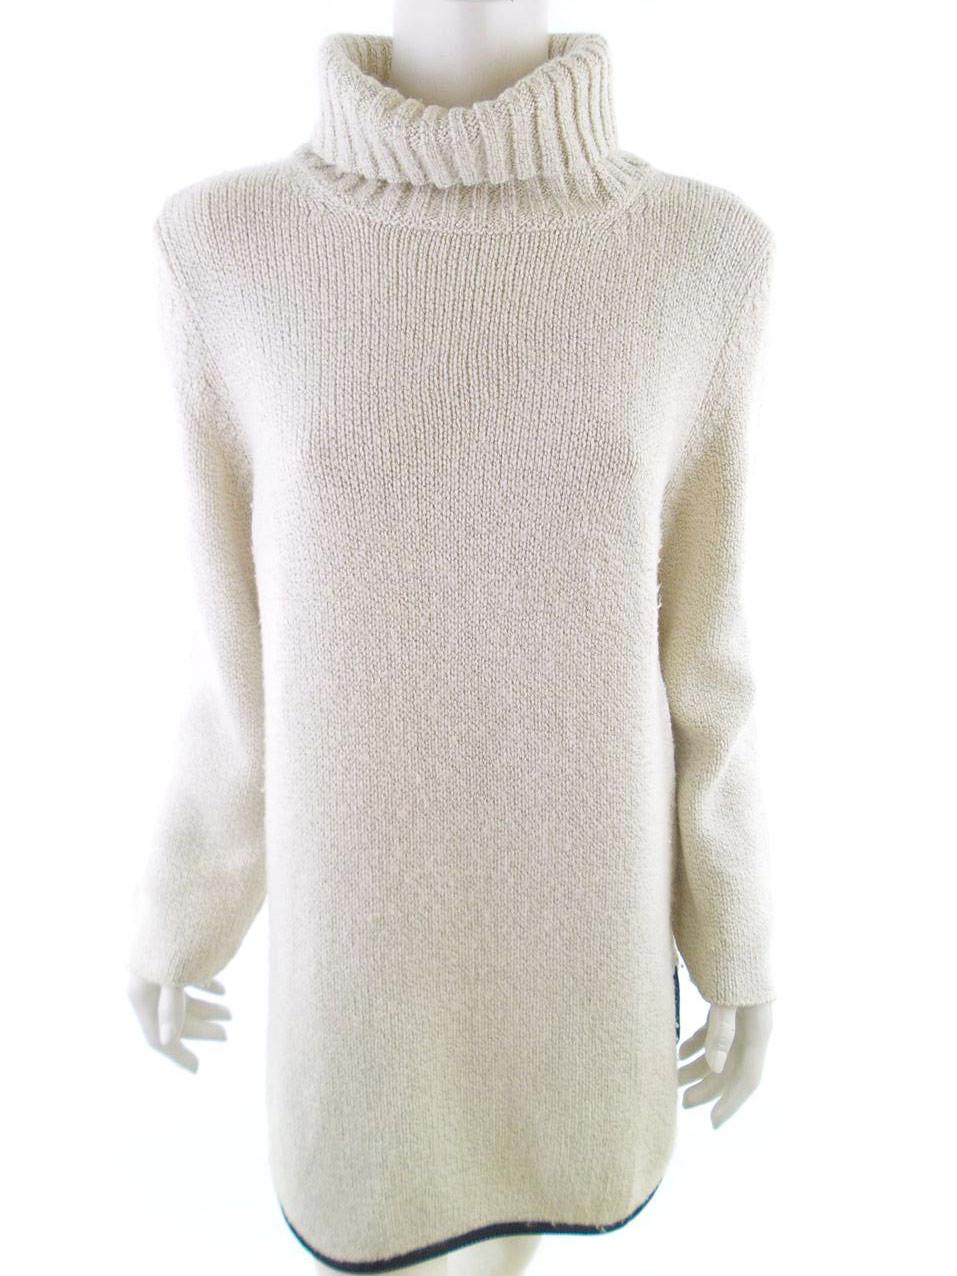 Marccain Taille 4 pull tunique col roulé fille laine crème